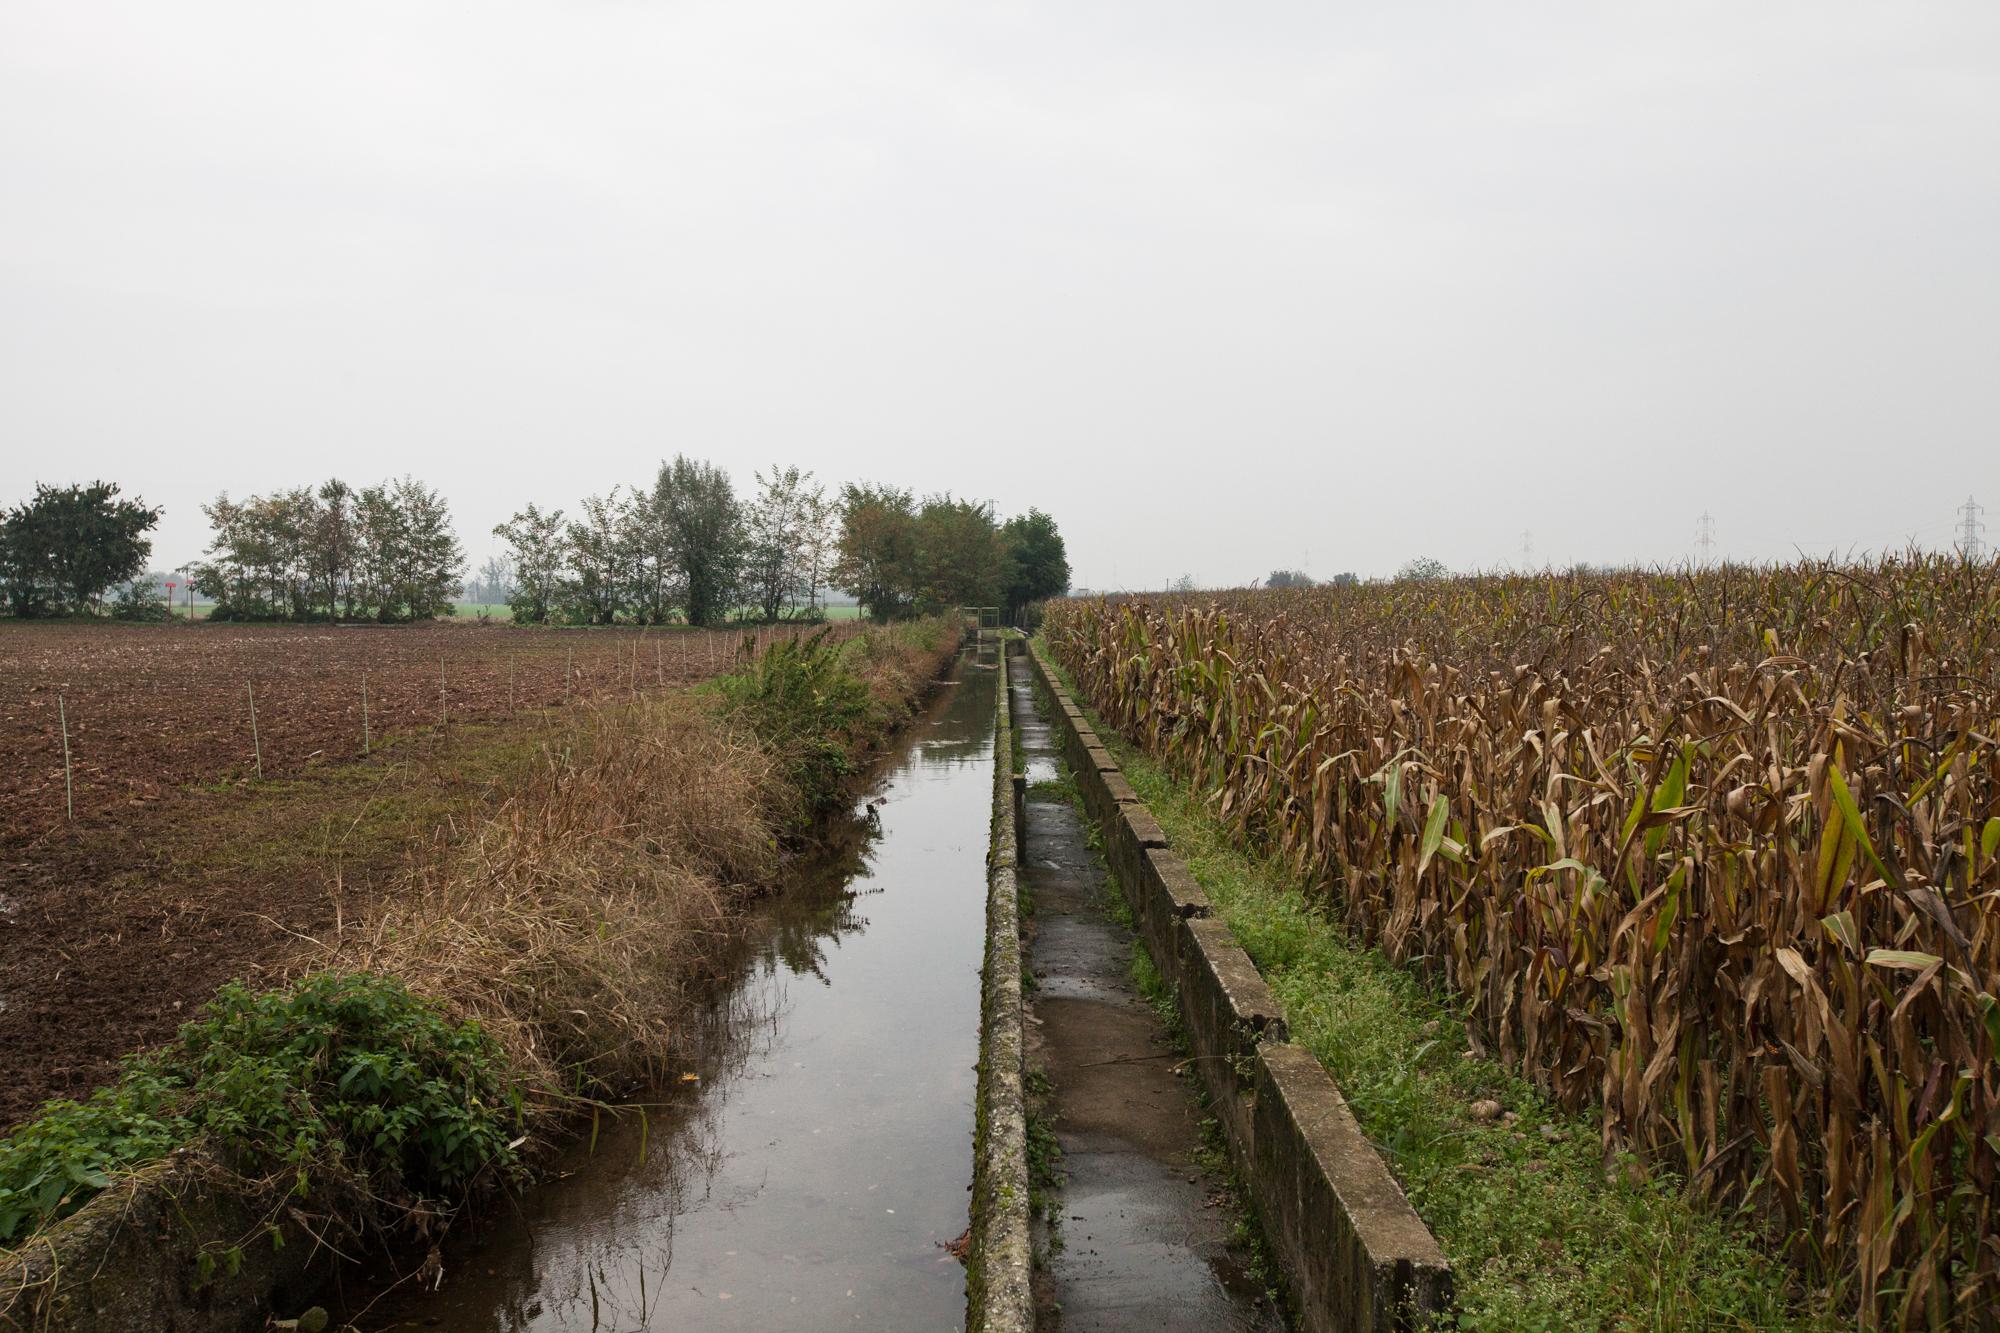 Lo scarico della fabbrica per quasi un secolo la principale sorgente delle rogge che andavano ad irrigare i campi a sud della fabbrica.Brescia / Italia. Ottobre 2013